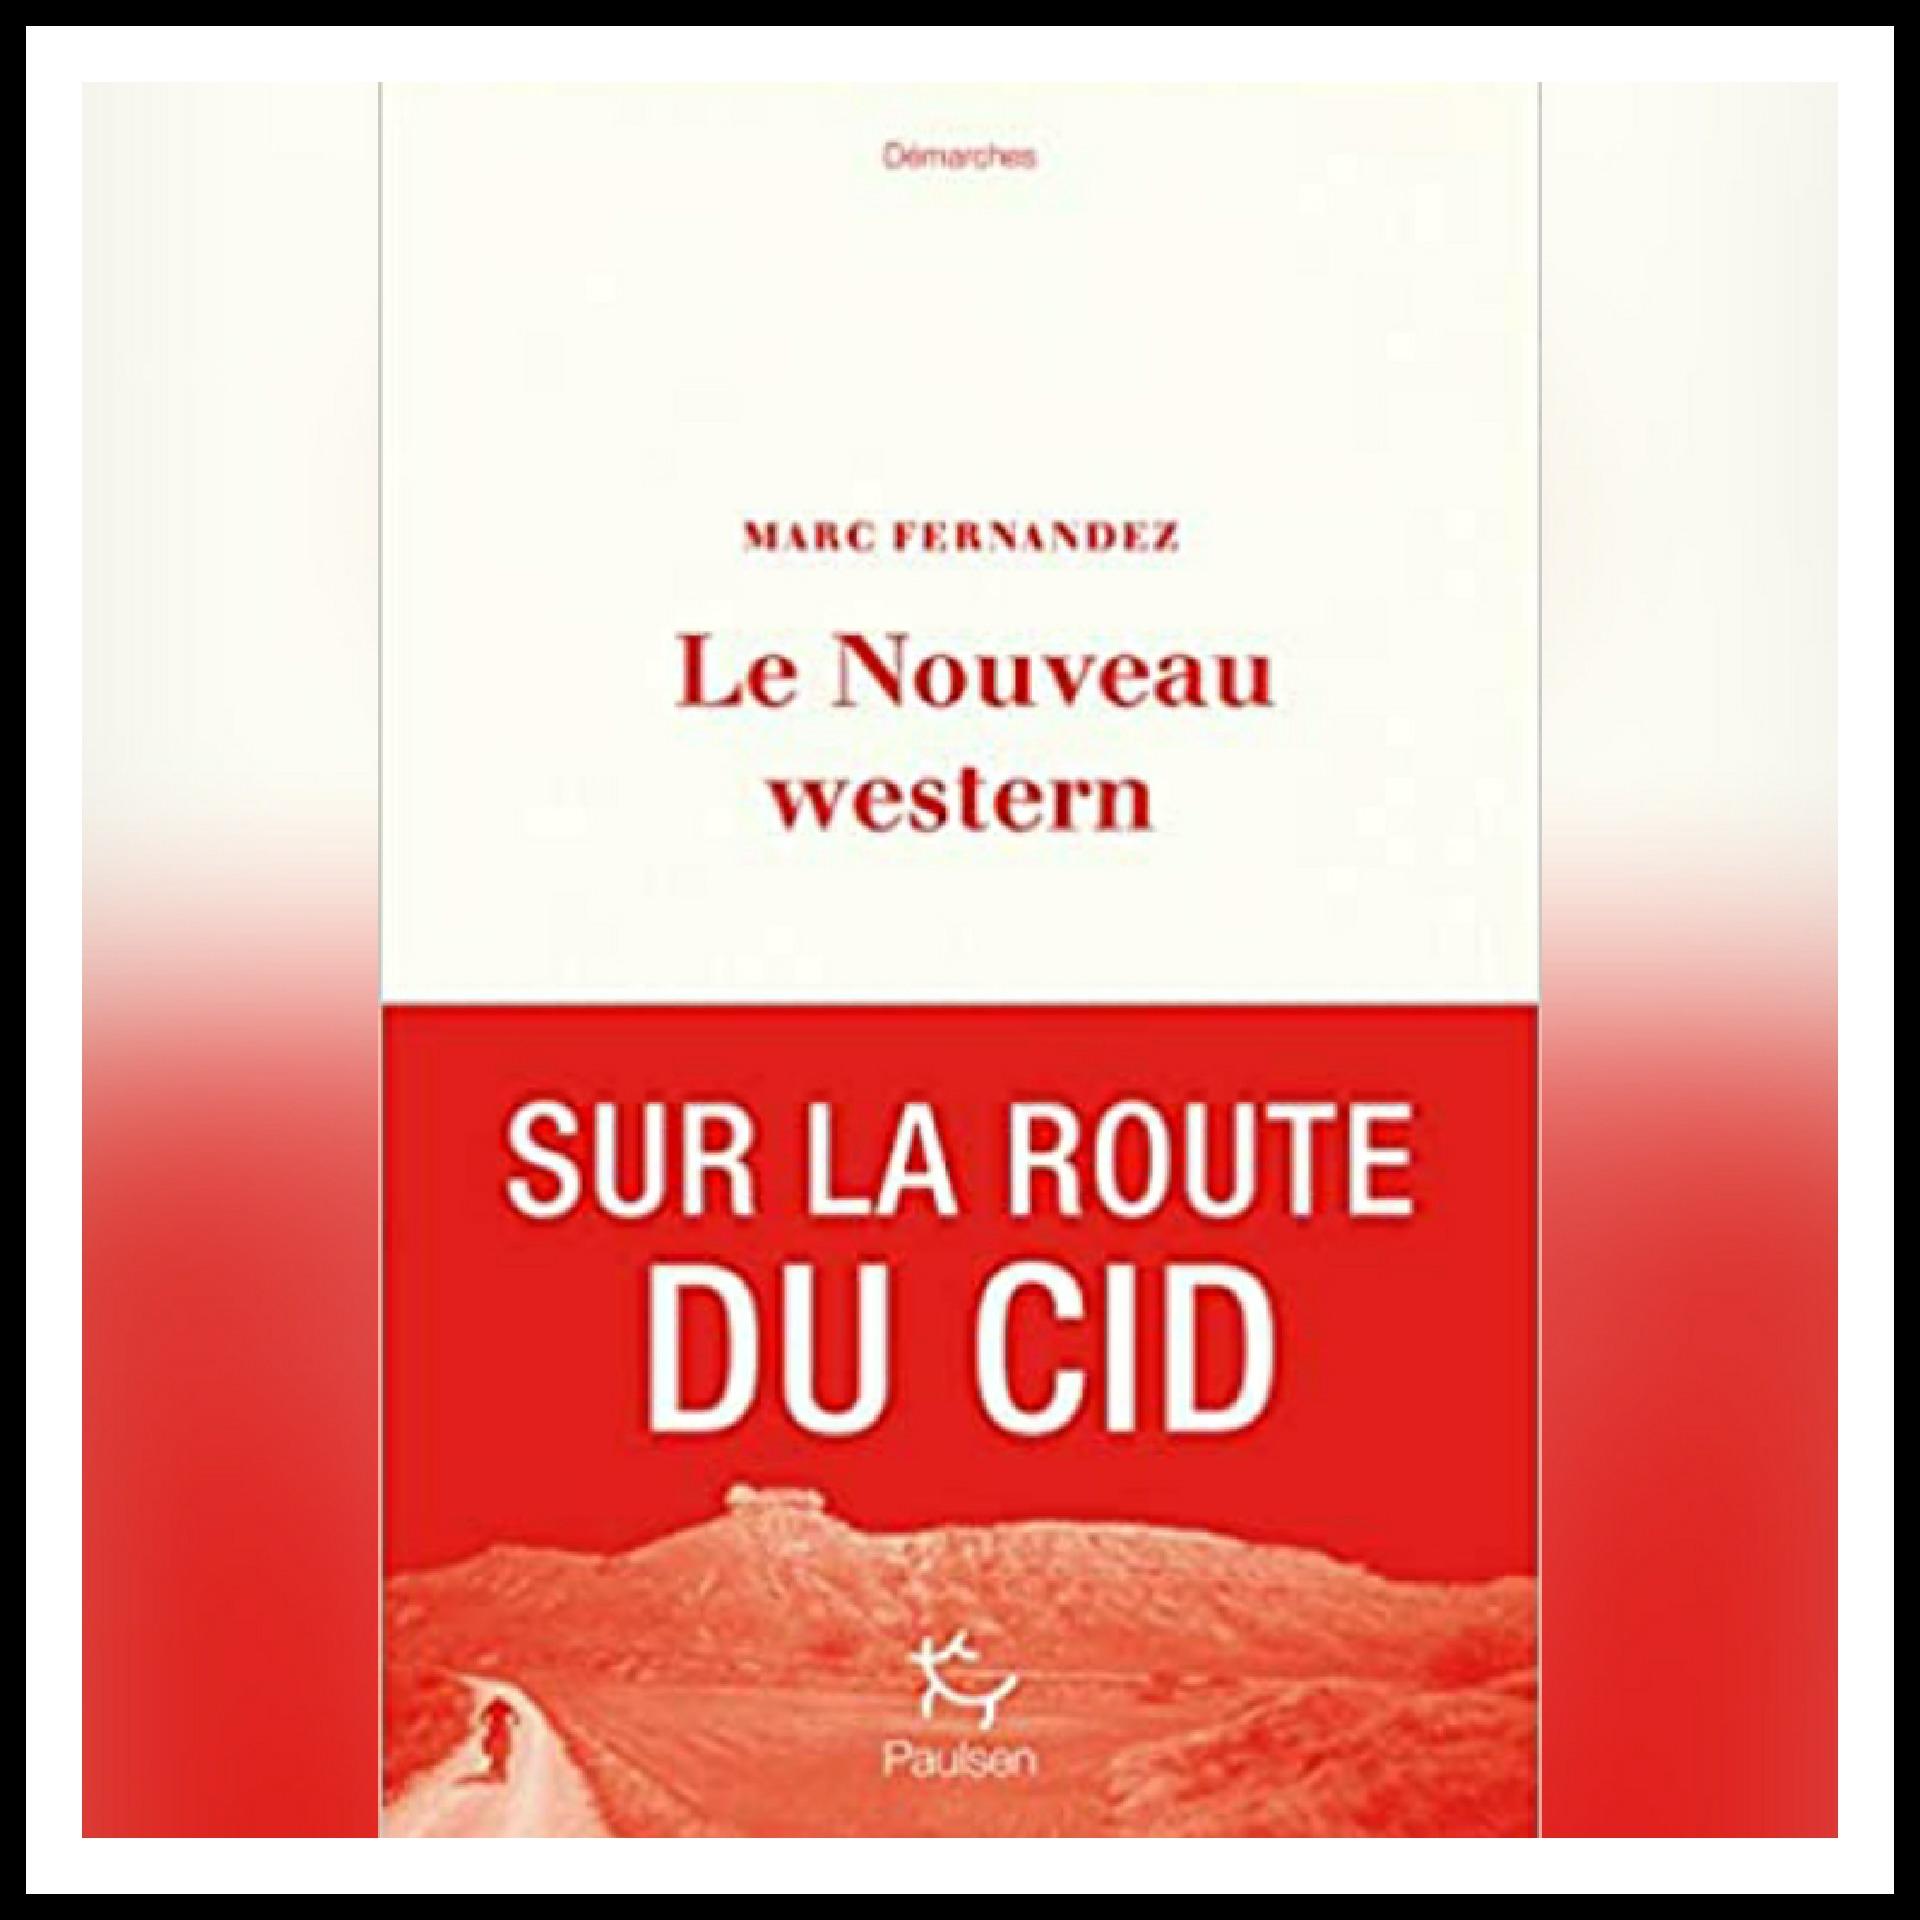 Chroniques 2021 \ Le nouveau western – Sur la route du Cid de Marc Fernandez